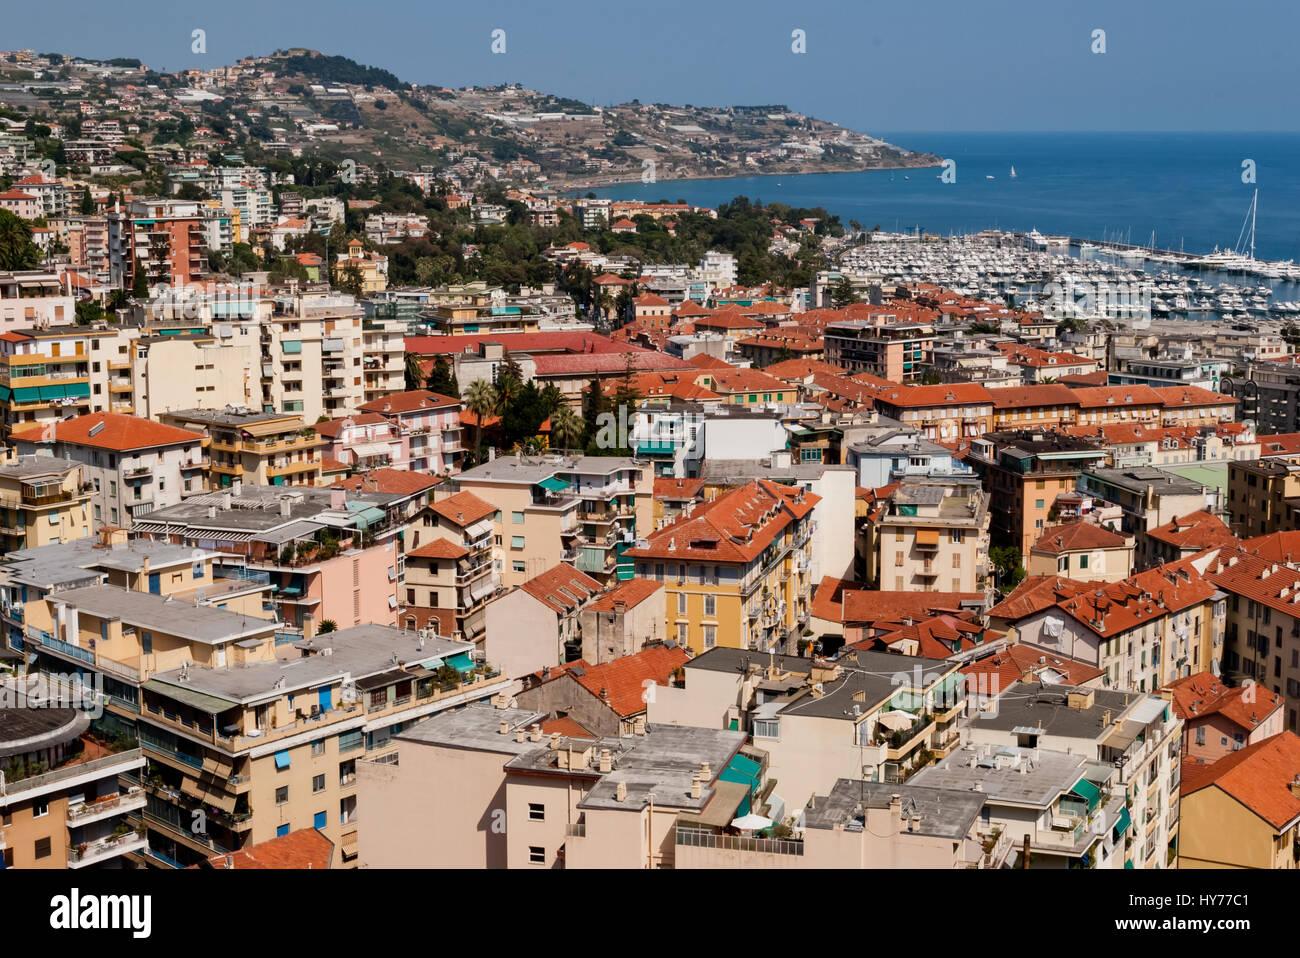 Vista de la ciudad y el puerto de Sanremo, Italia Foto de stock